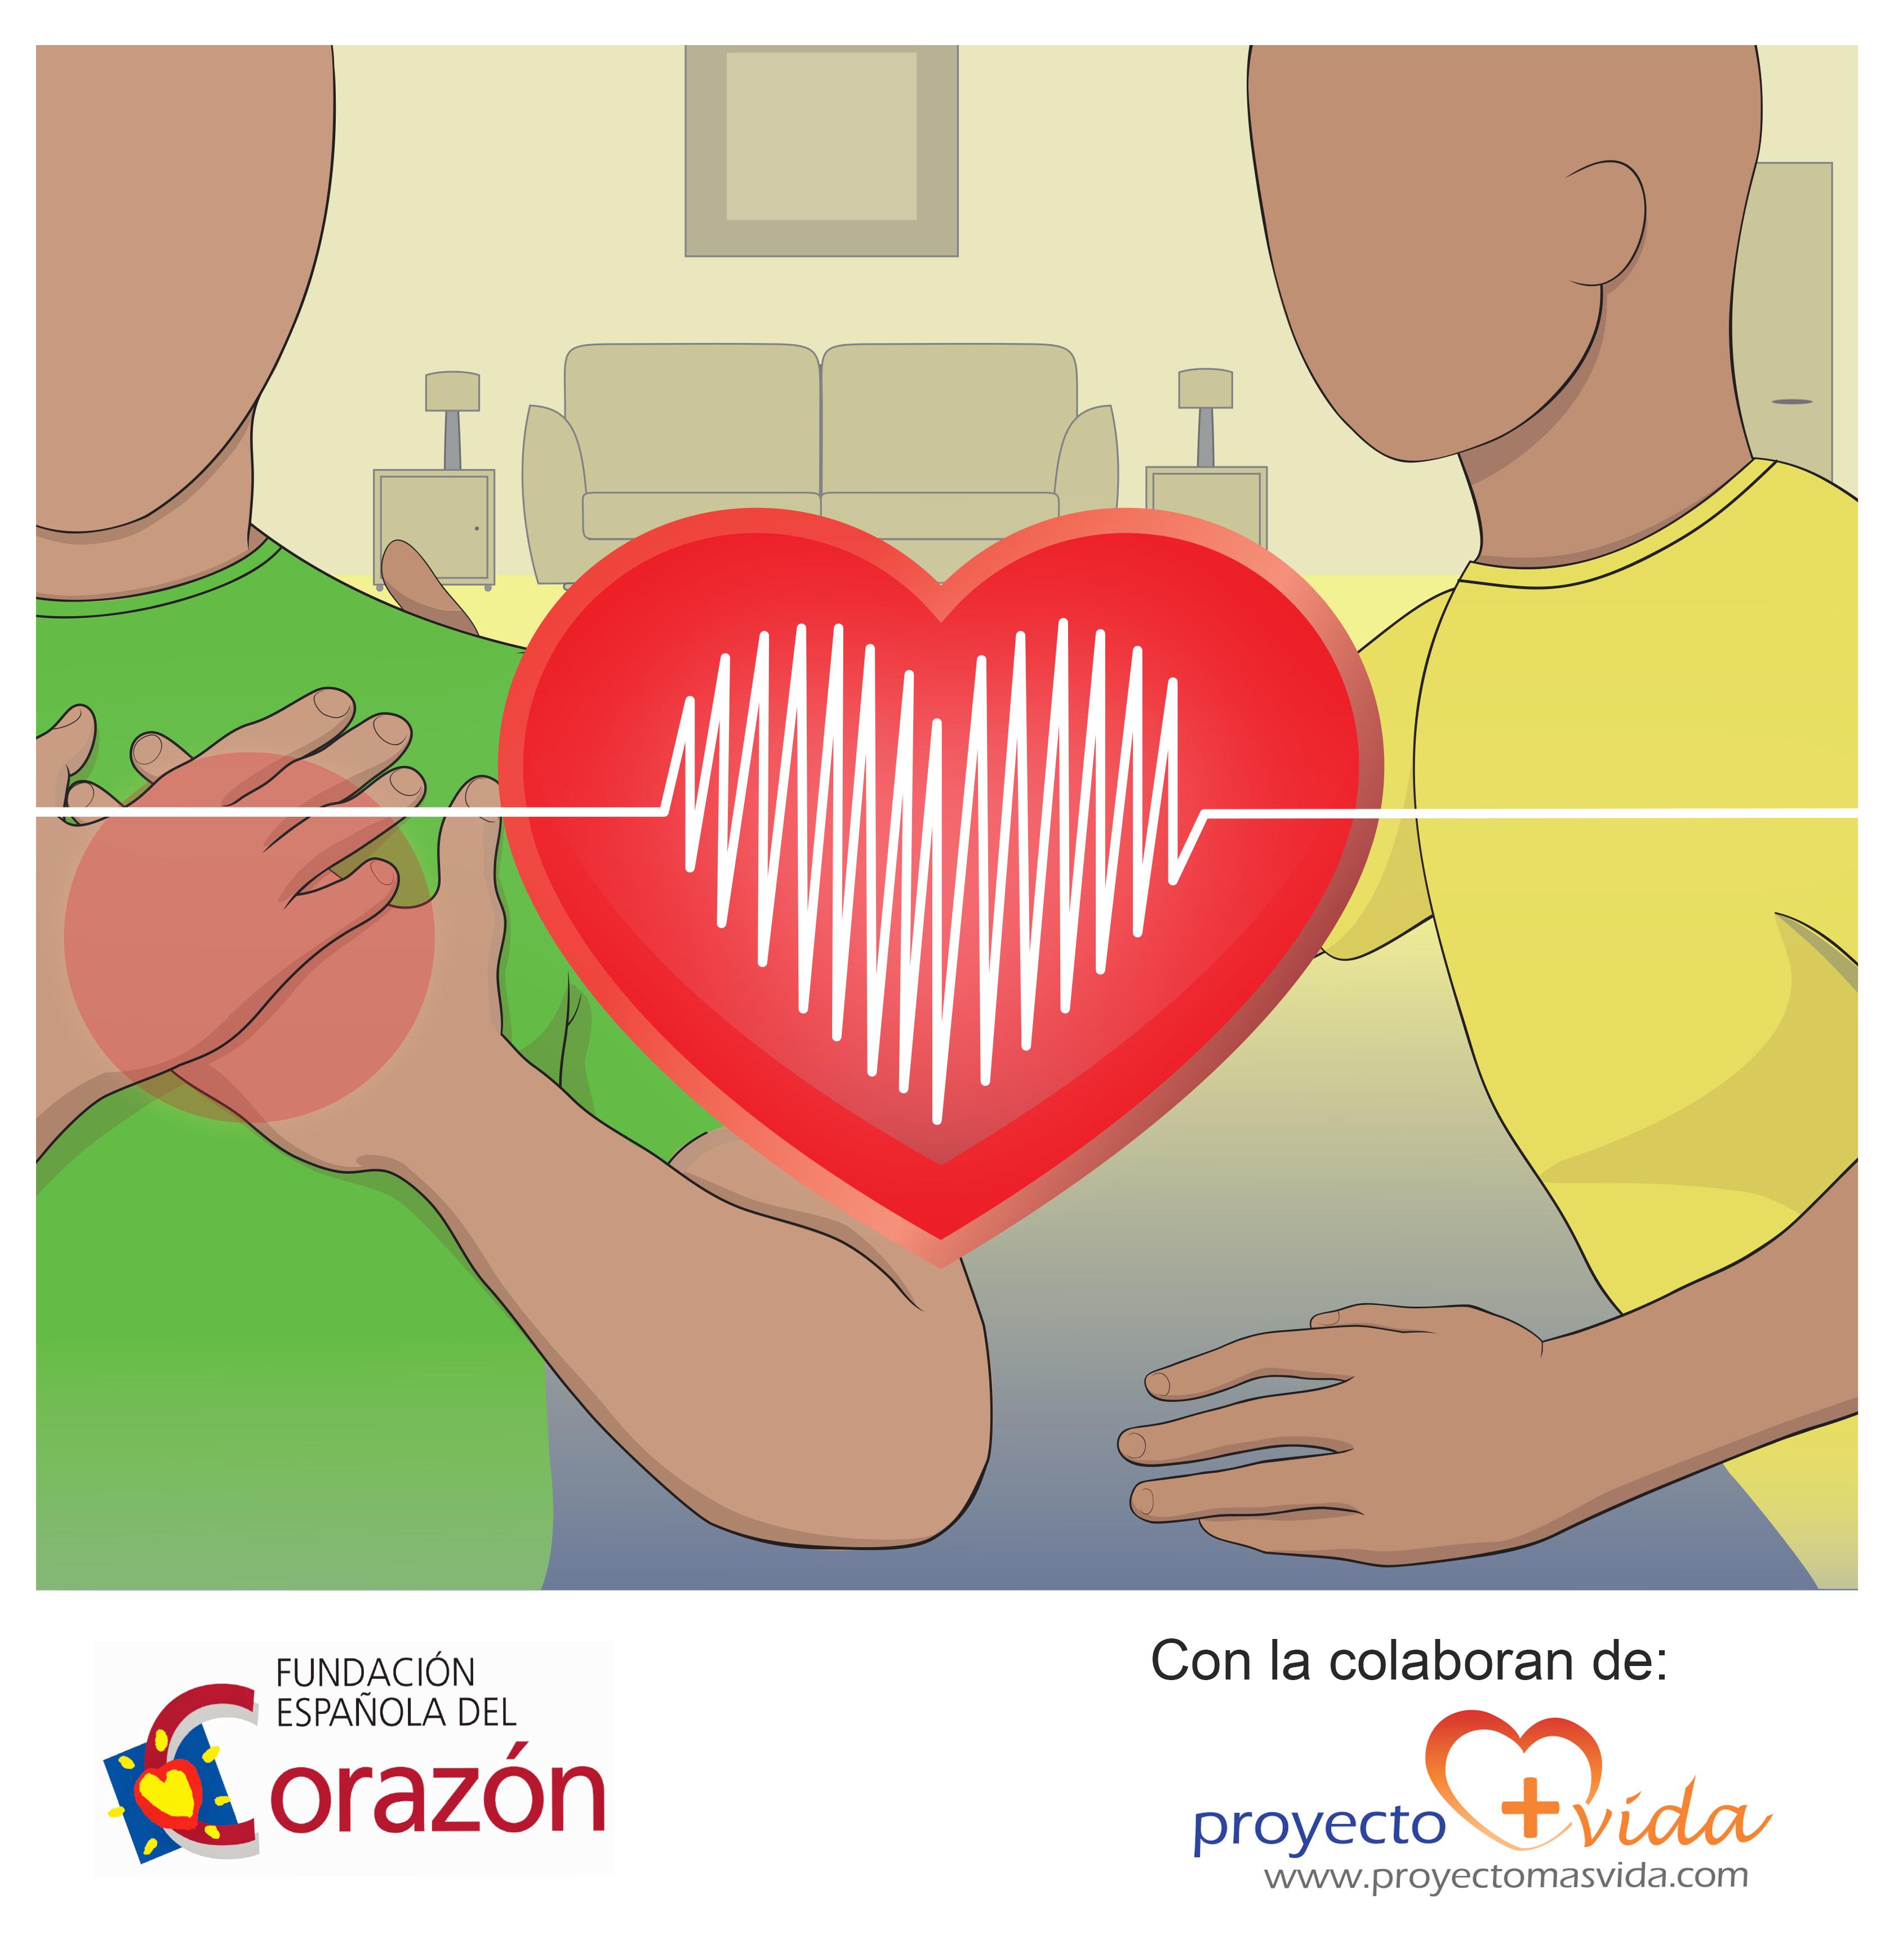 La FEC cuida del corazón de los hogares0 (0)